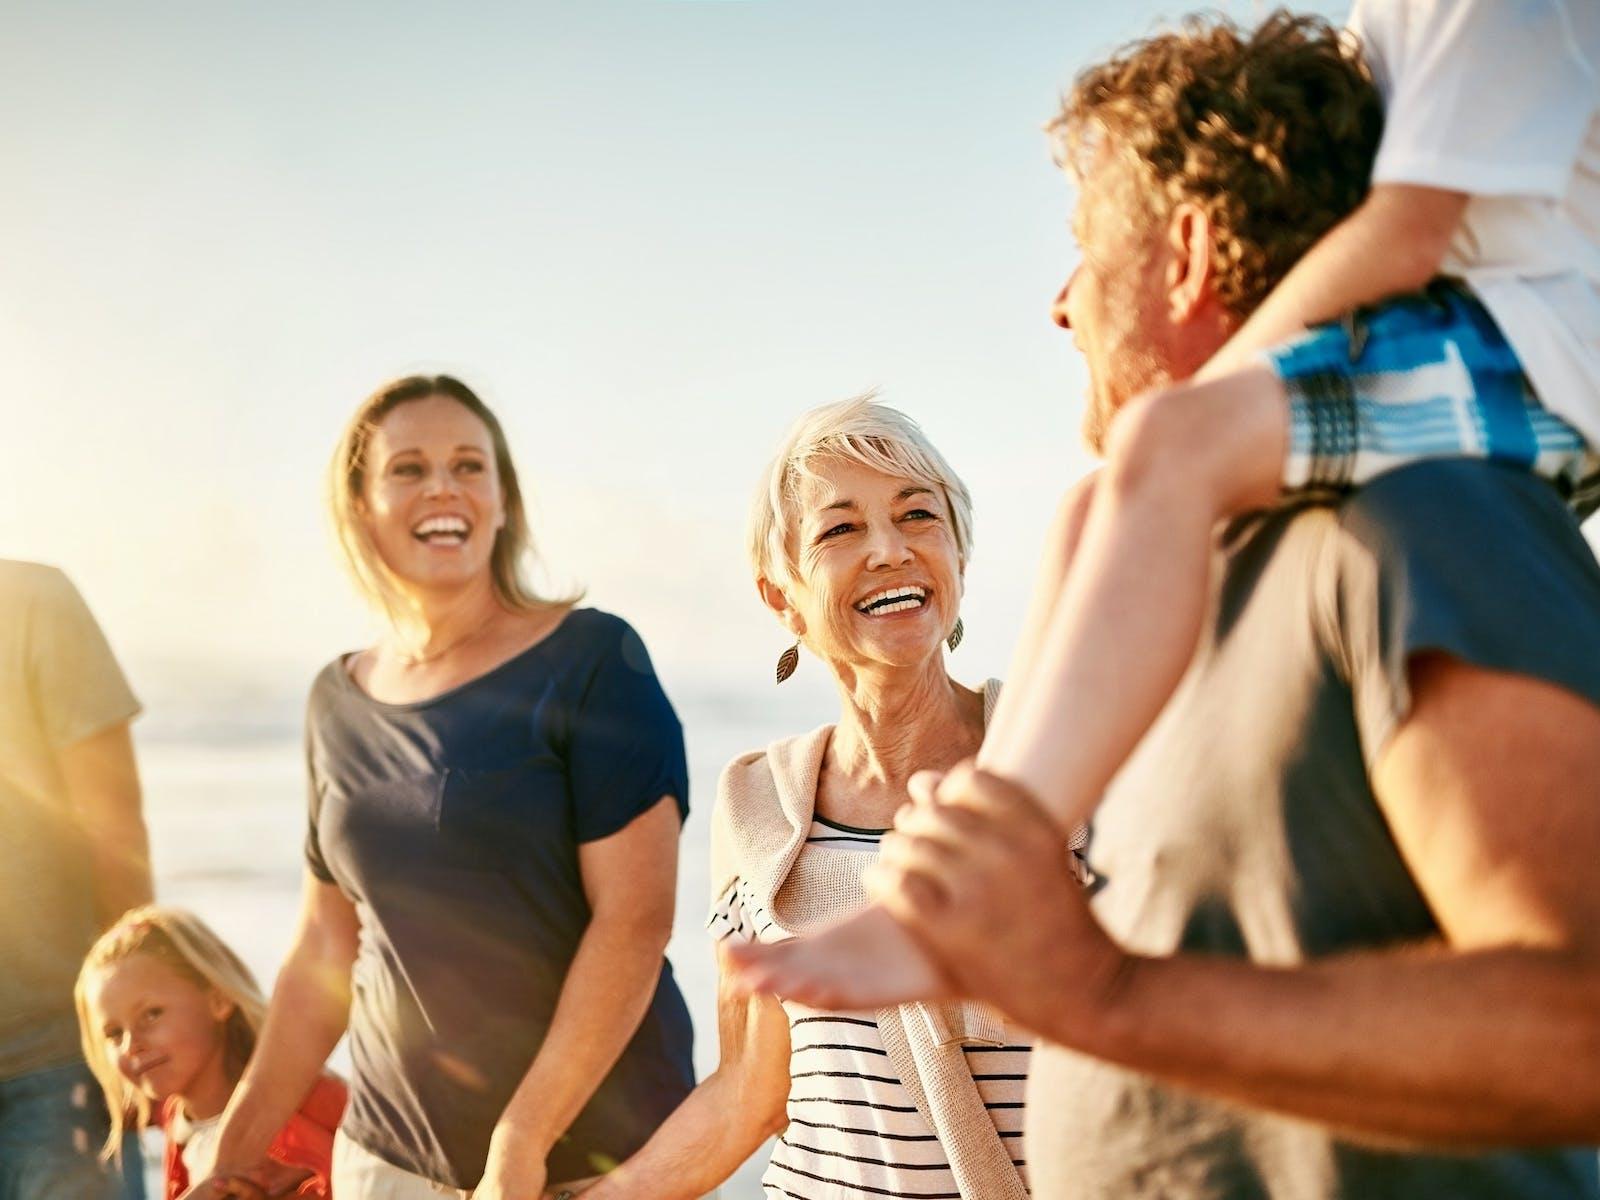 Family enjoying a beach vacation